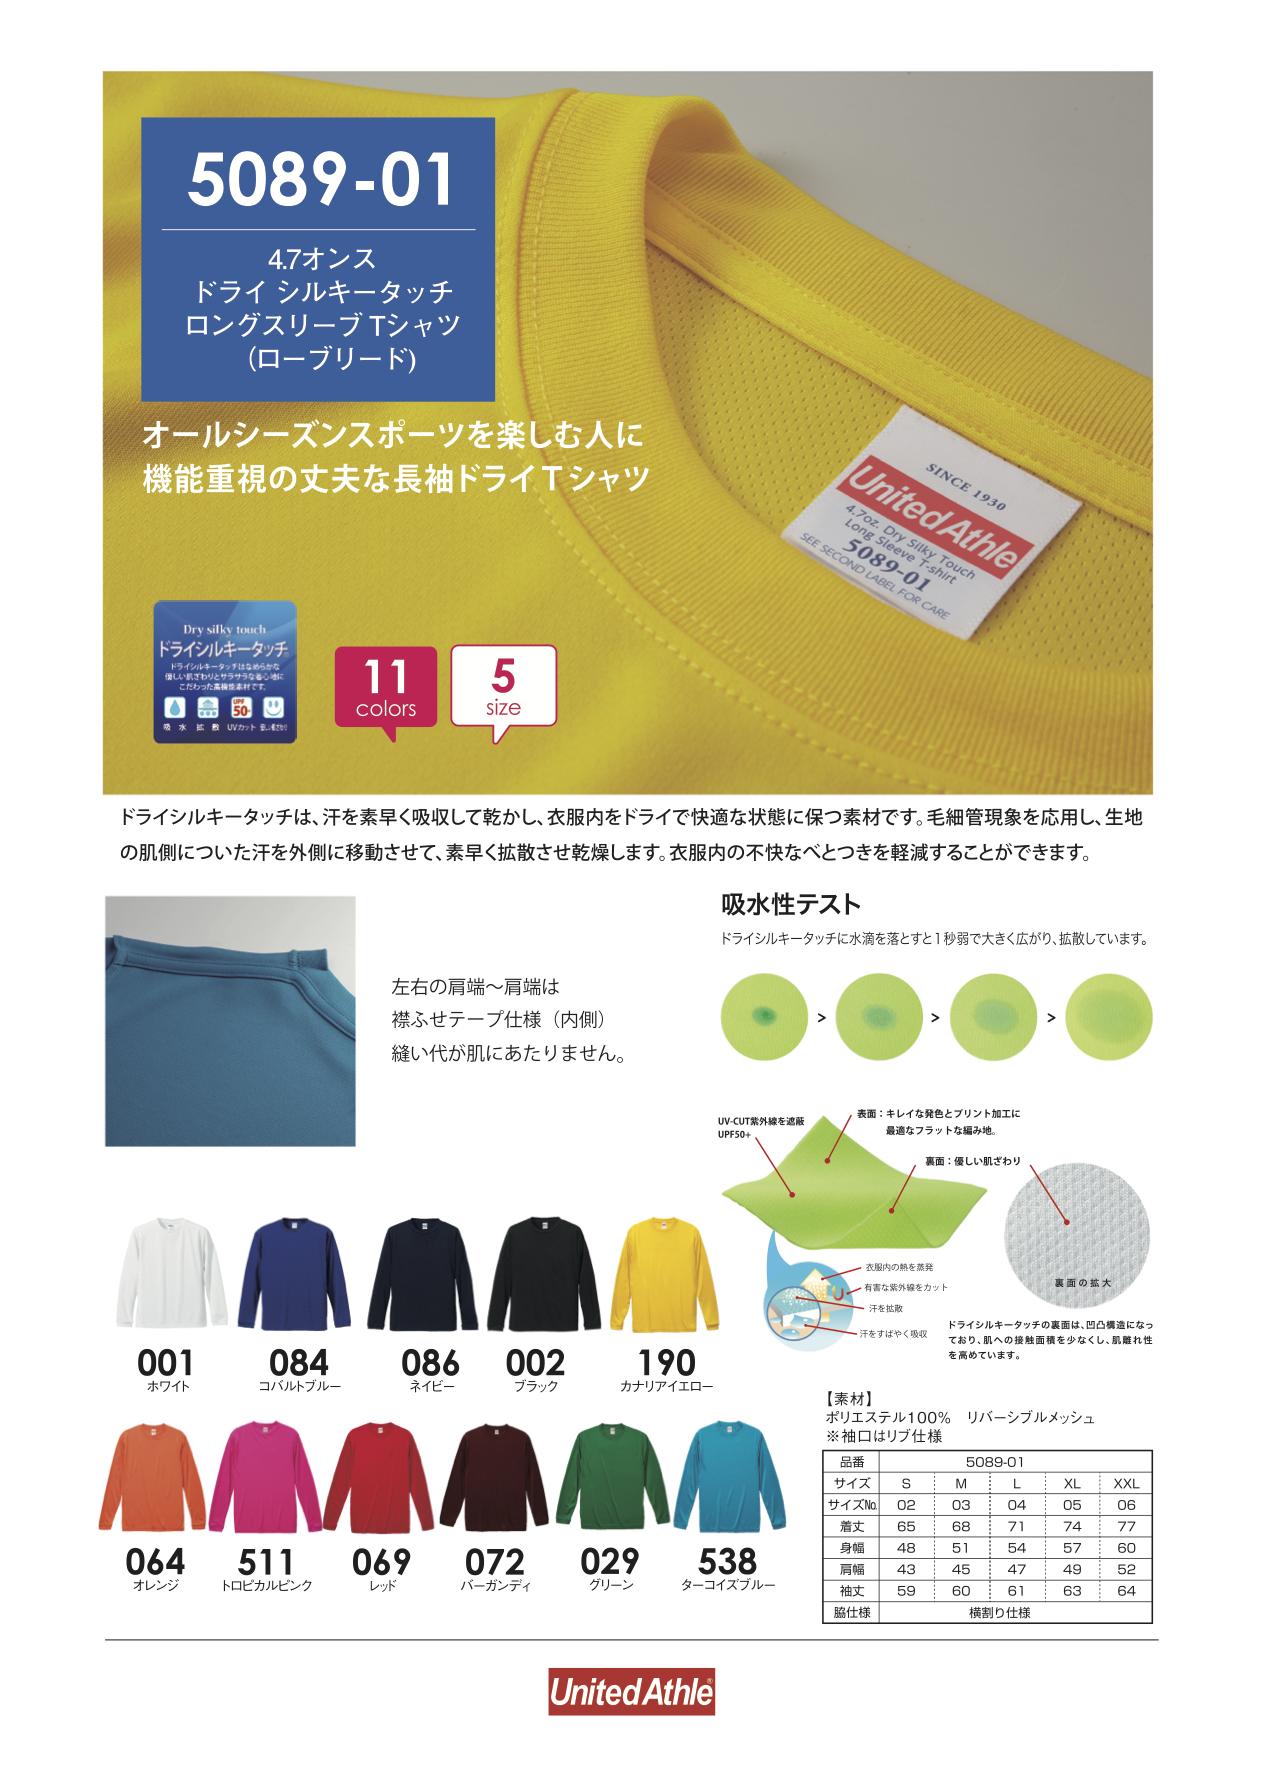 カラー:11colors サイズ:5size